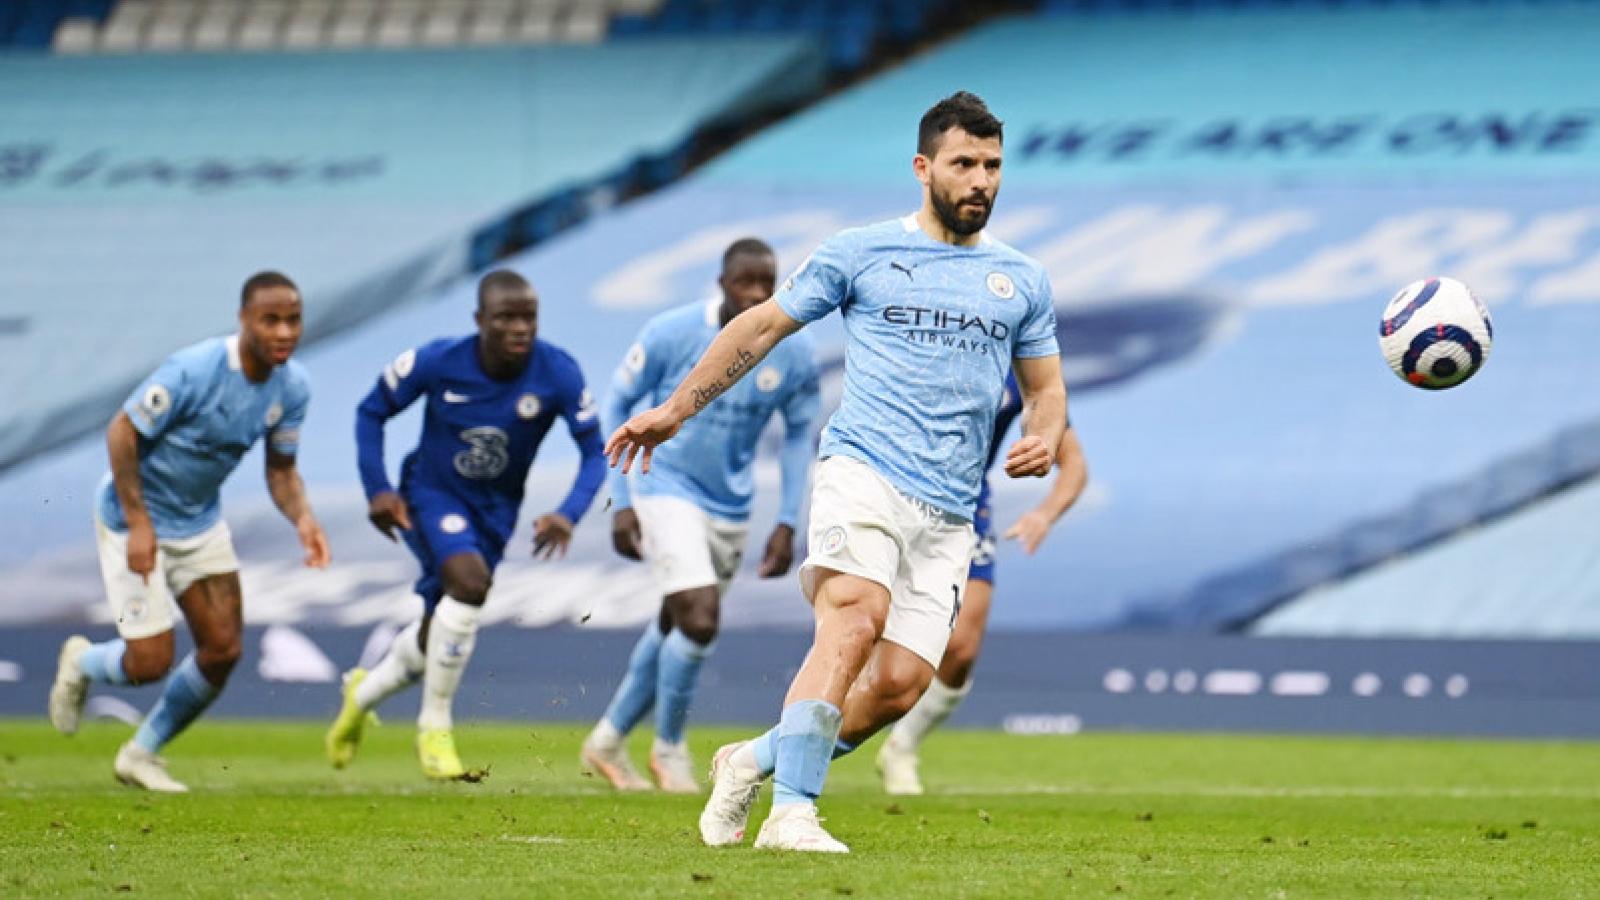 Aguero xin lỗi vì đá hỏng phạt đền khiến Man City chưa thể vô địch Ngoại hạng Anh